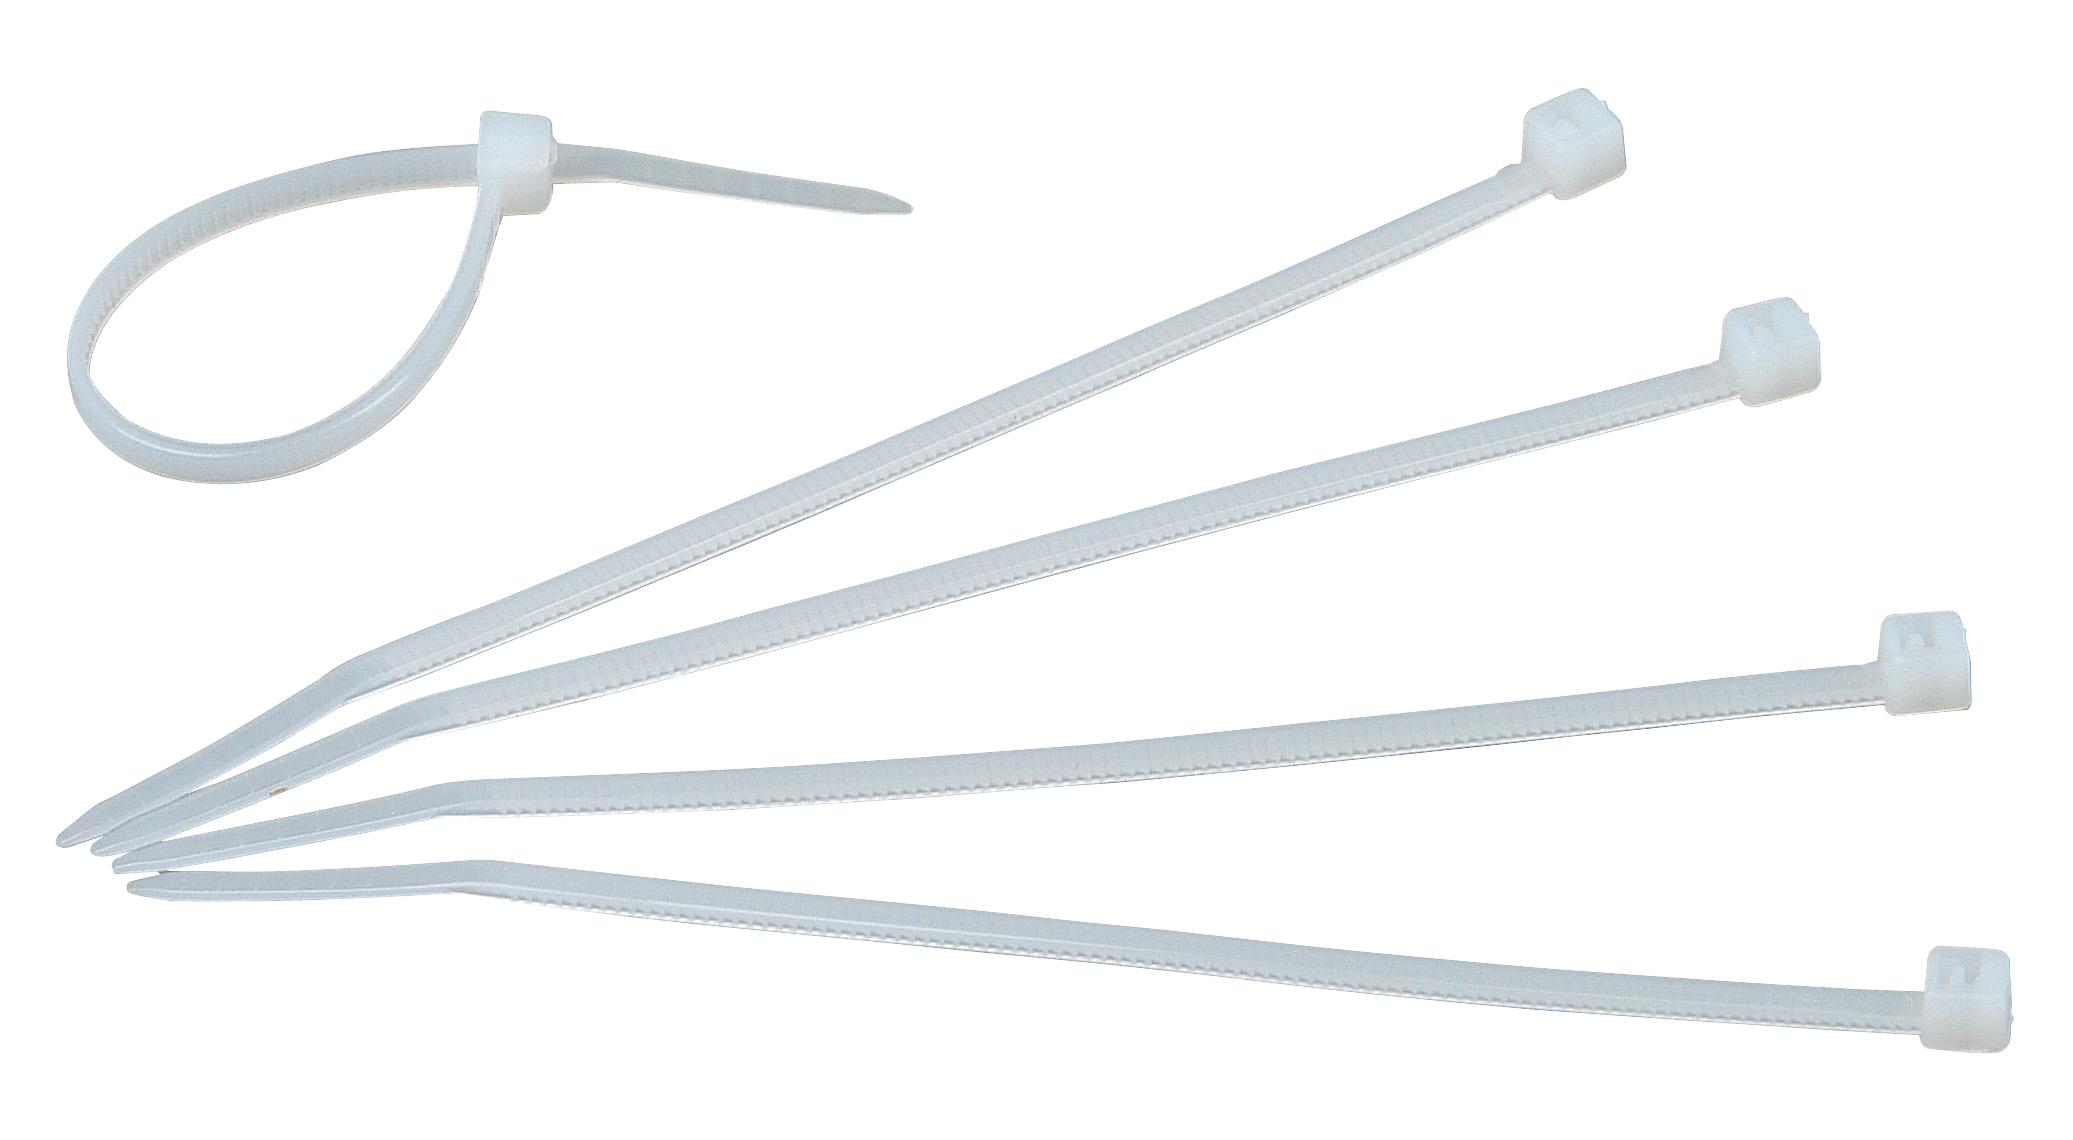 Kabelbinder 150mm x 3.6mm, transparent, 100 Stück | Allgemeines ...